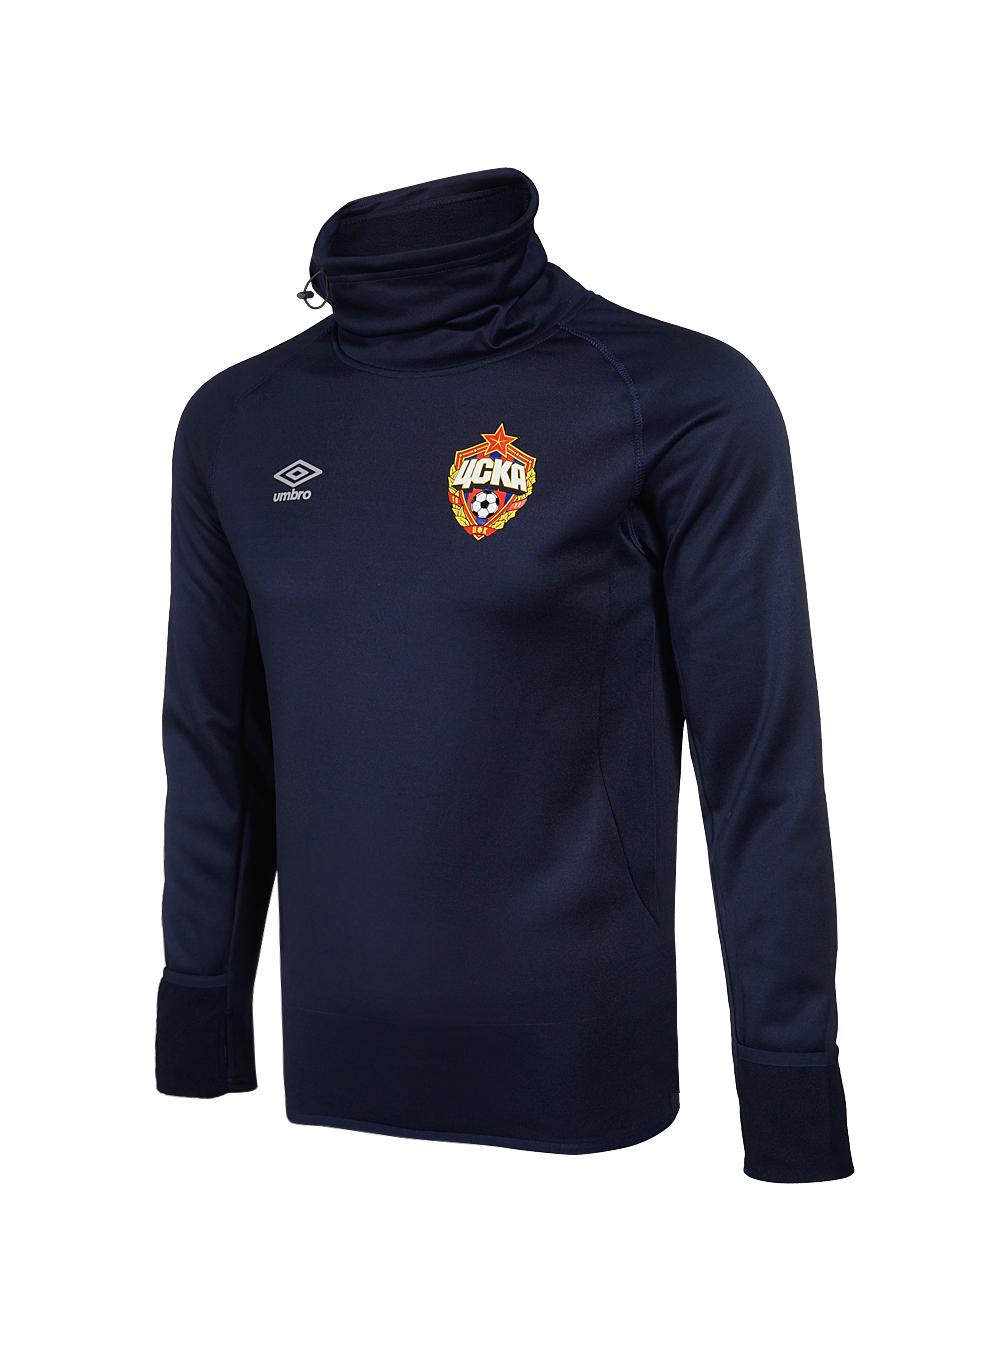 Купить Топ тренировочный синий/серебро (XL) по Нижнему Новгороду